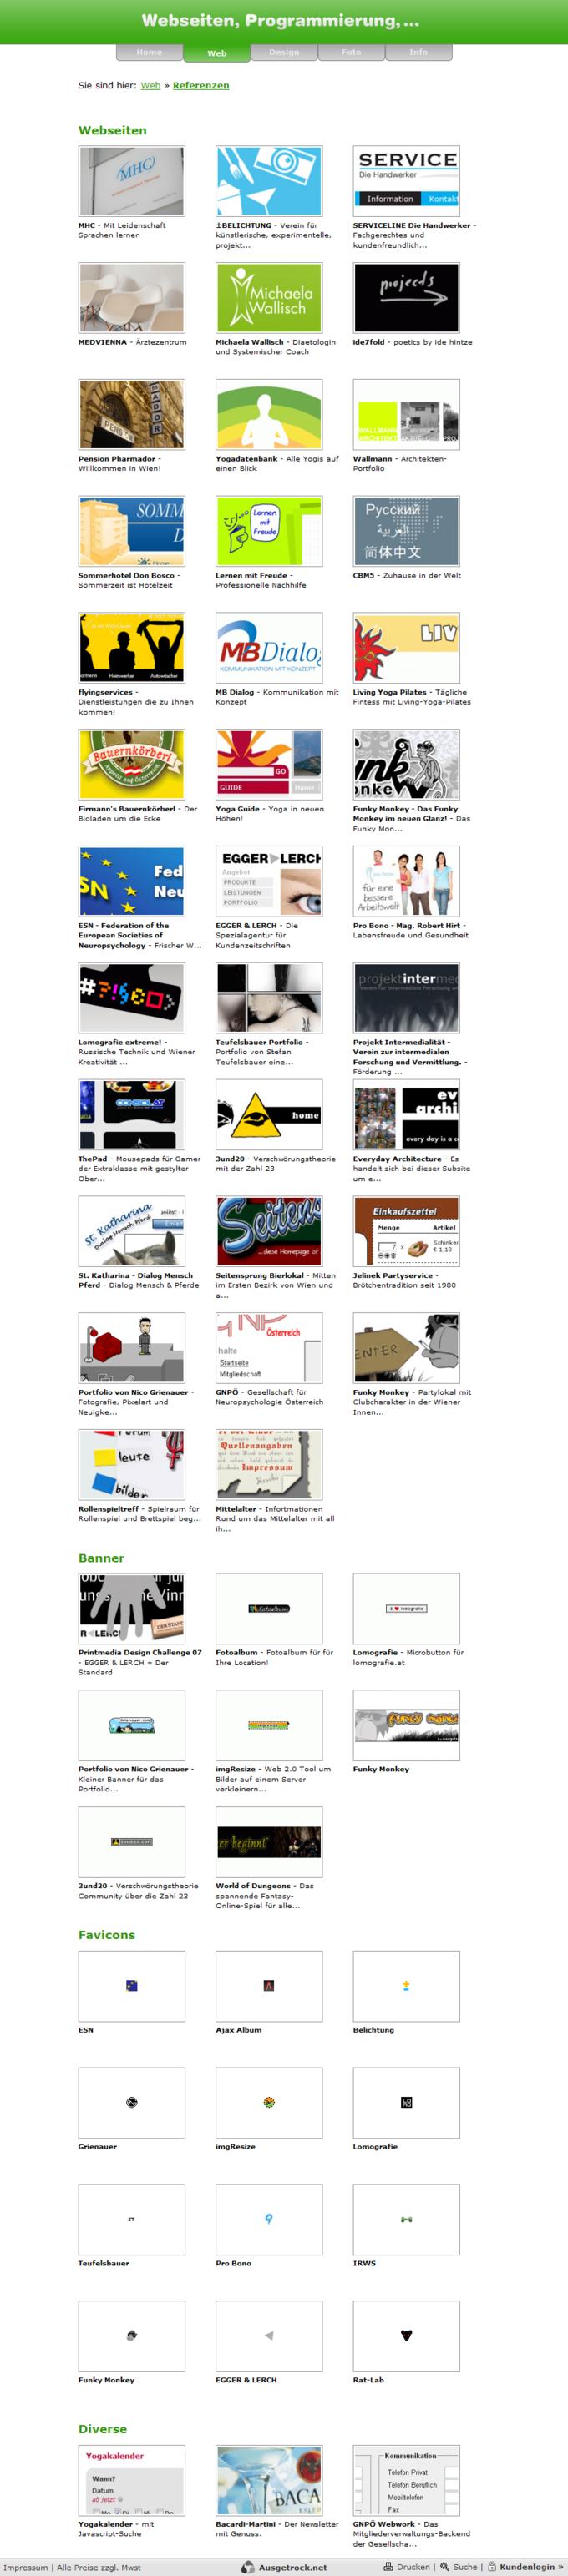 Screenshot Ausgetrock.net Referenzen Web